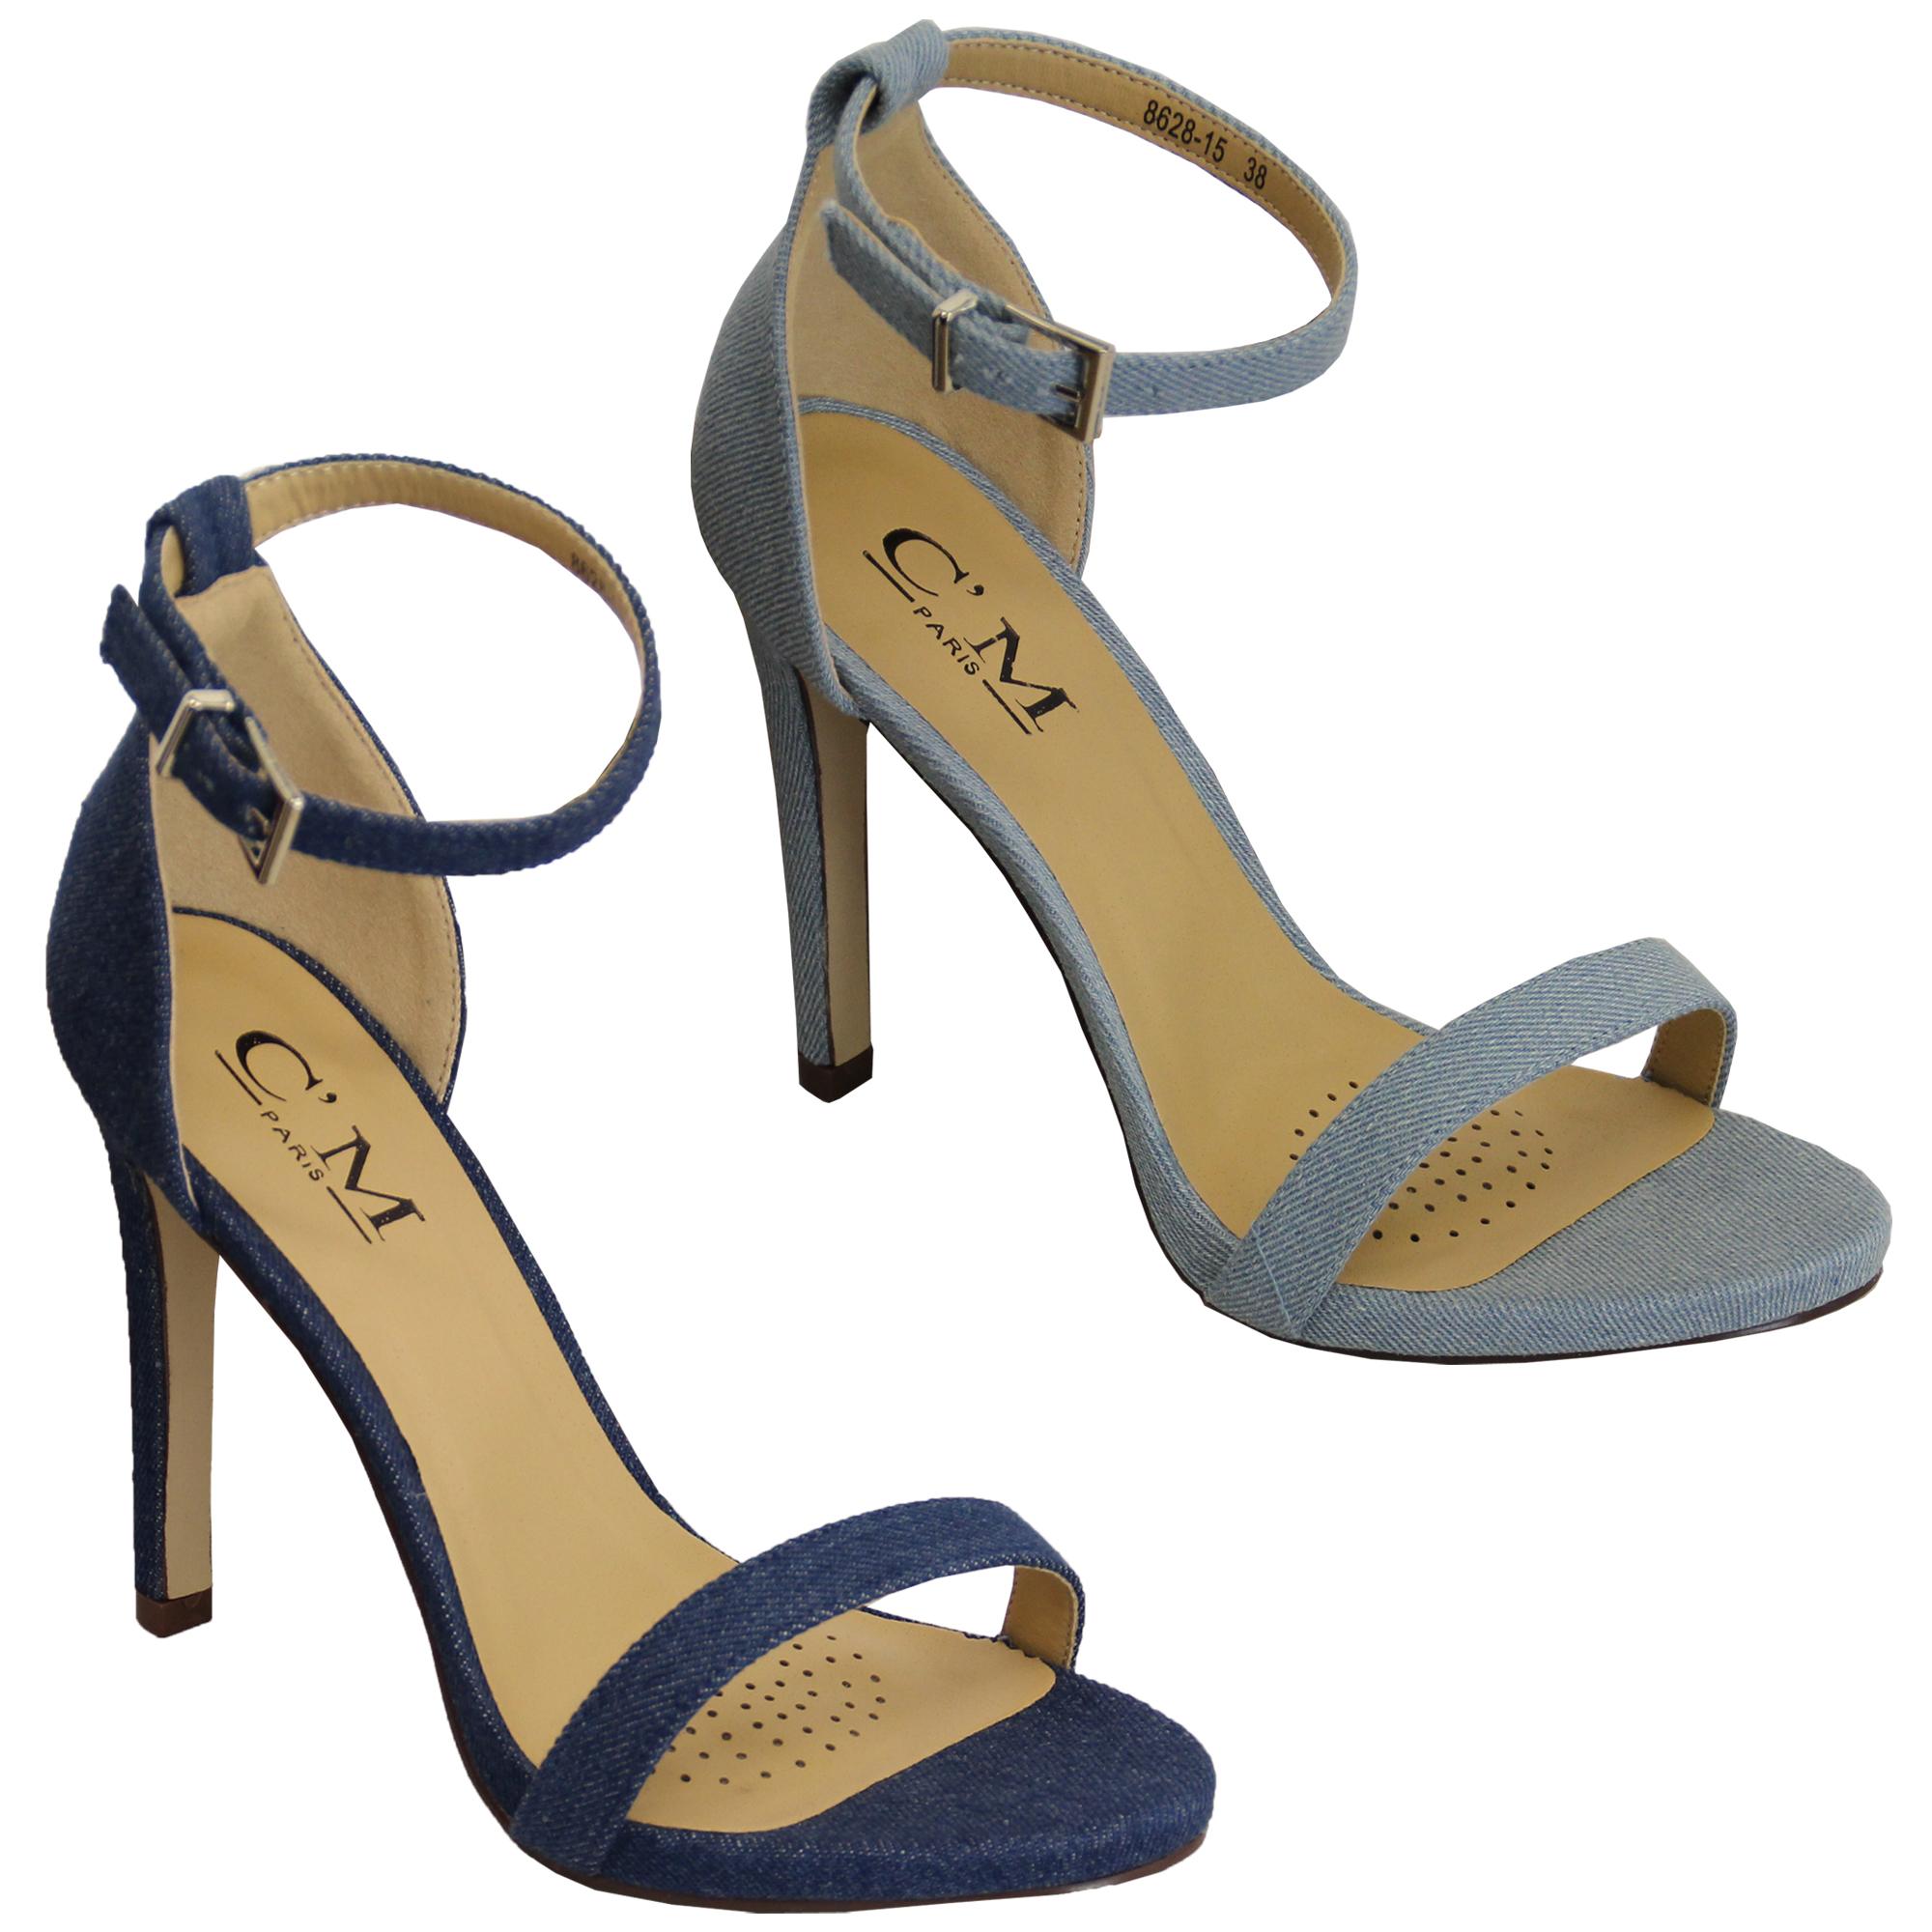 79f5188b15 Ladies Denim Sandals Womens Ankle Strap Stiletto Heel Buckle Open ...